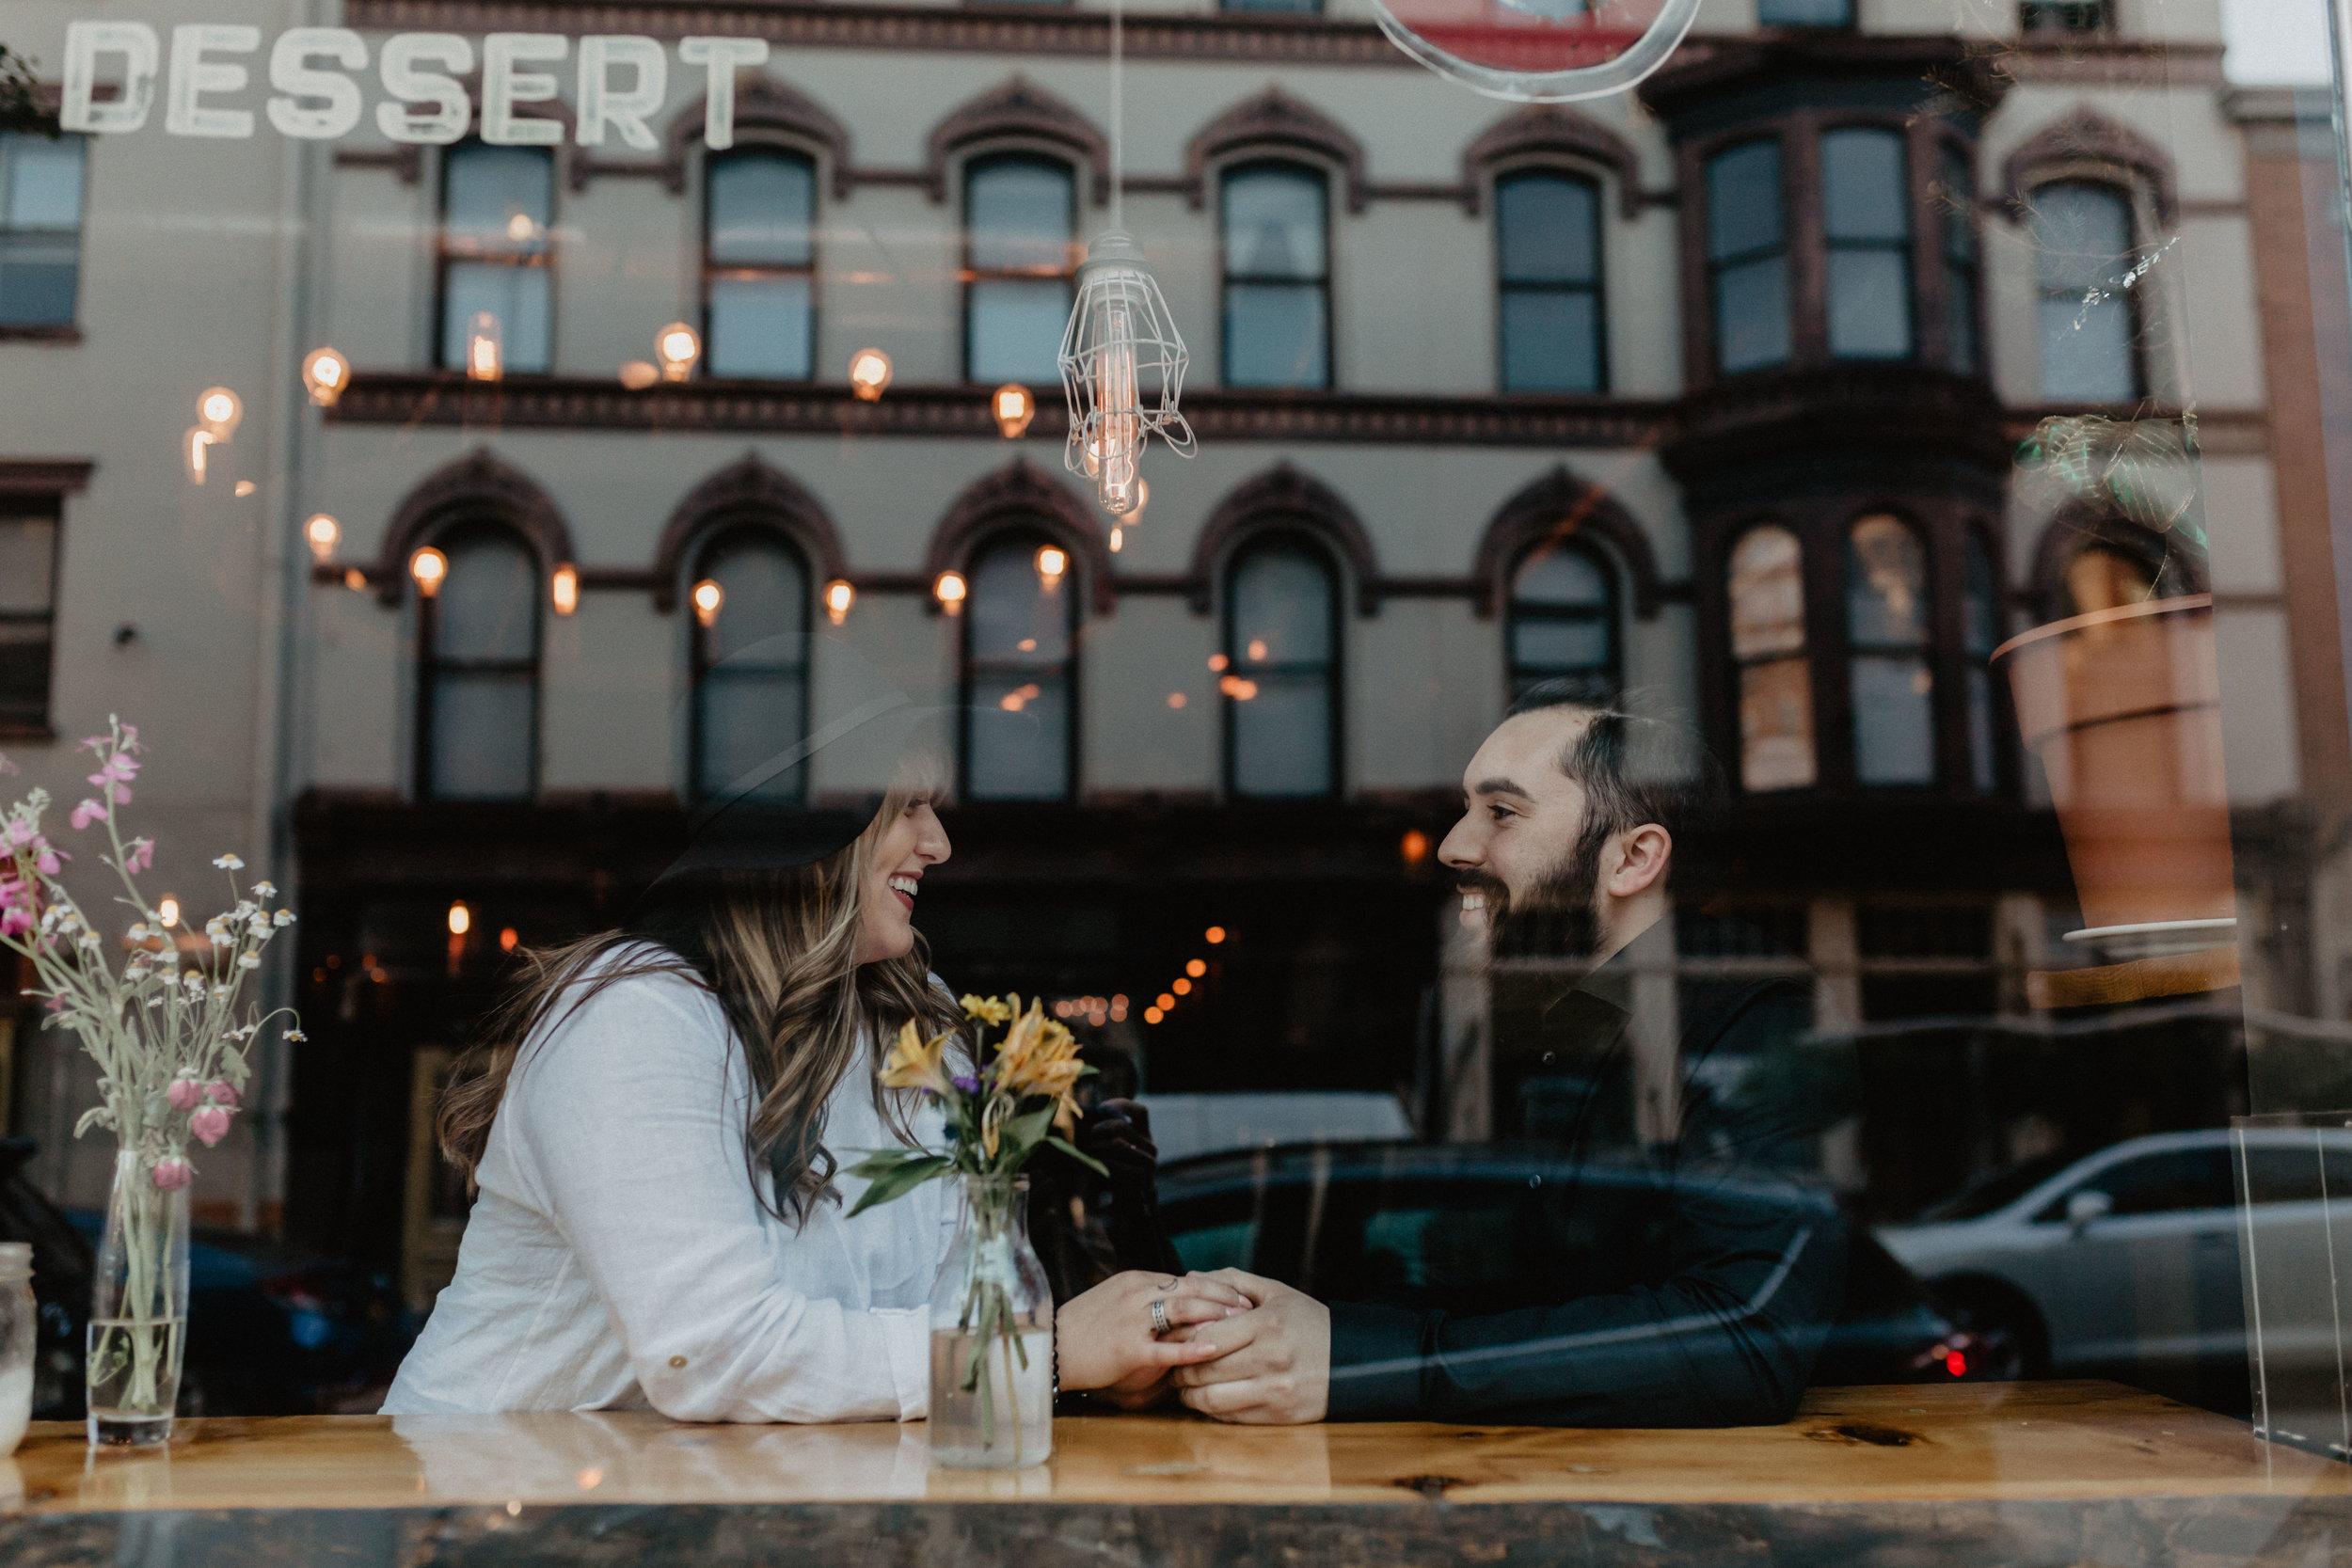 upstate_new_york_engagement-1.jpg